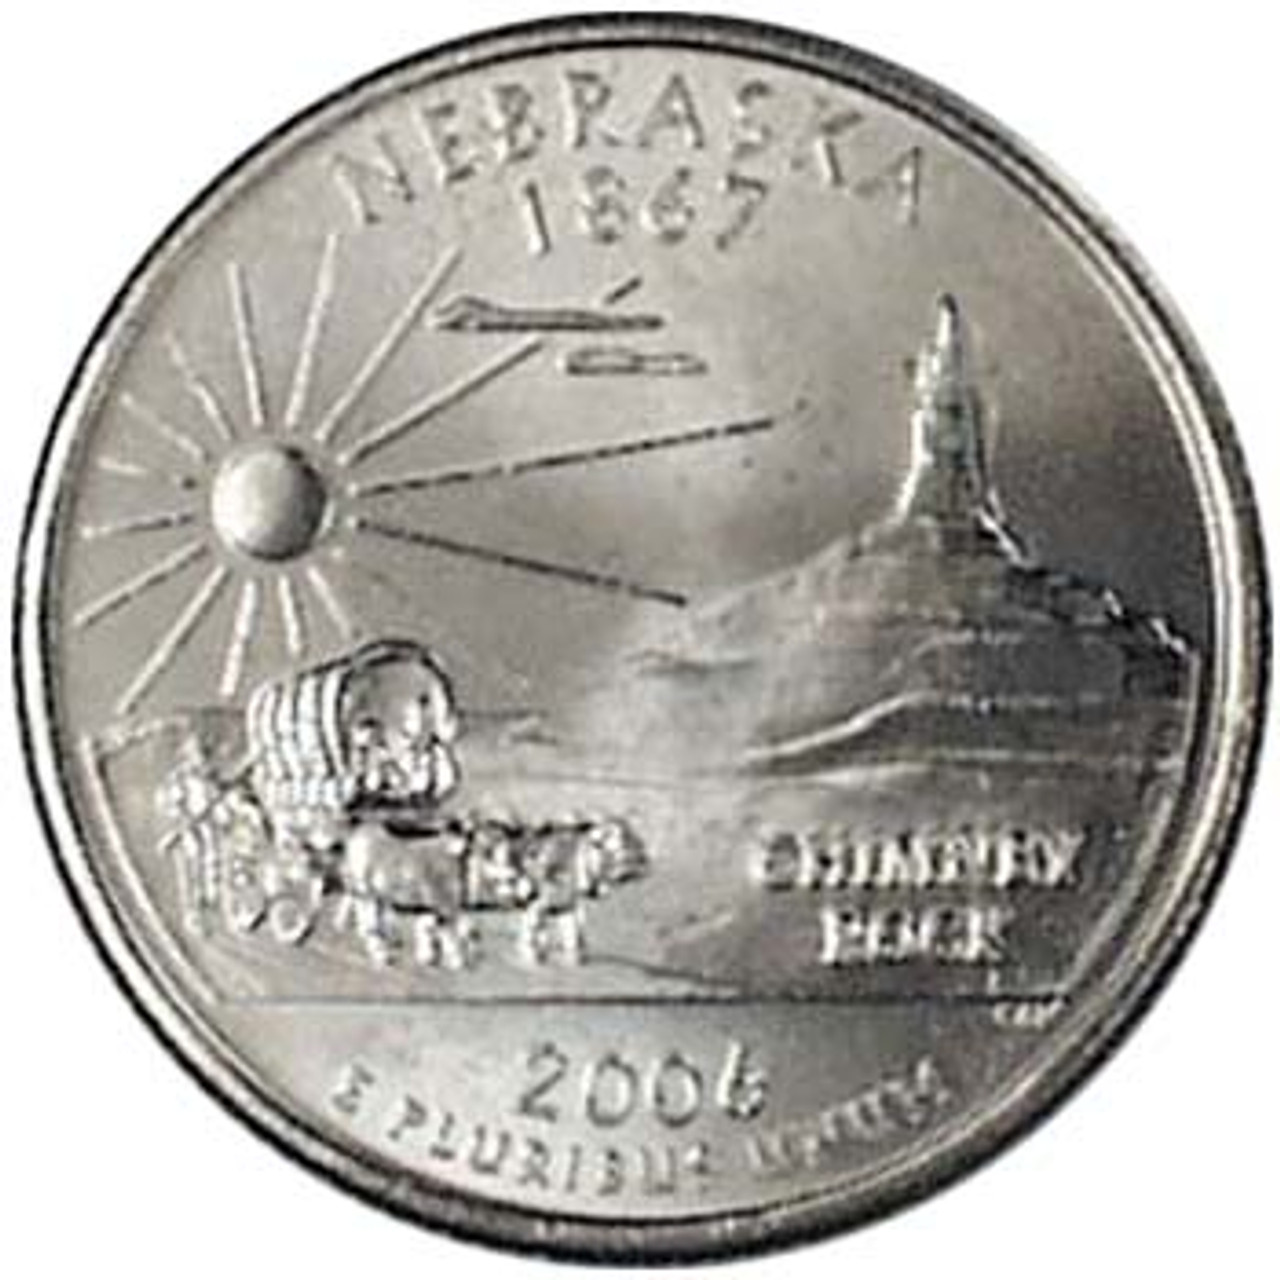 2006-D Nebraska Quarter Brilliant Uncirculated Image 1